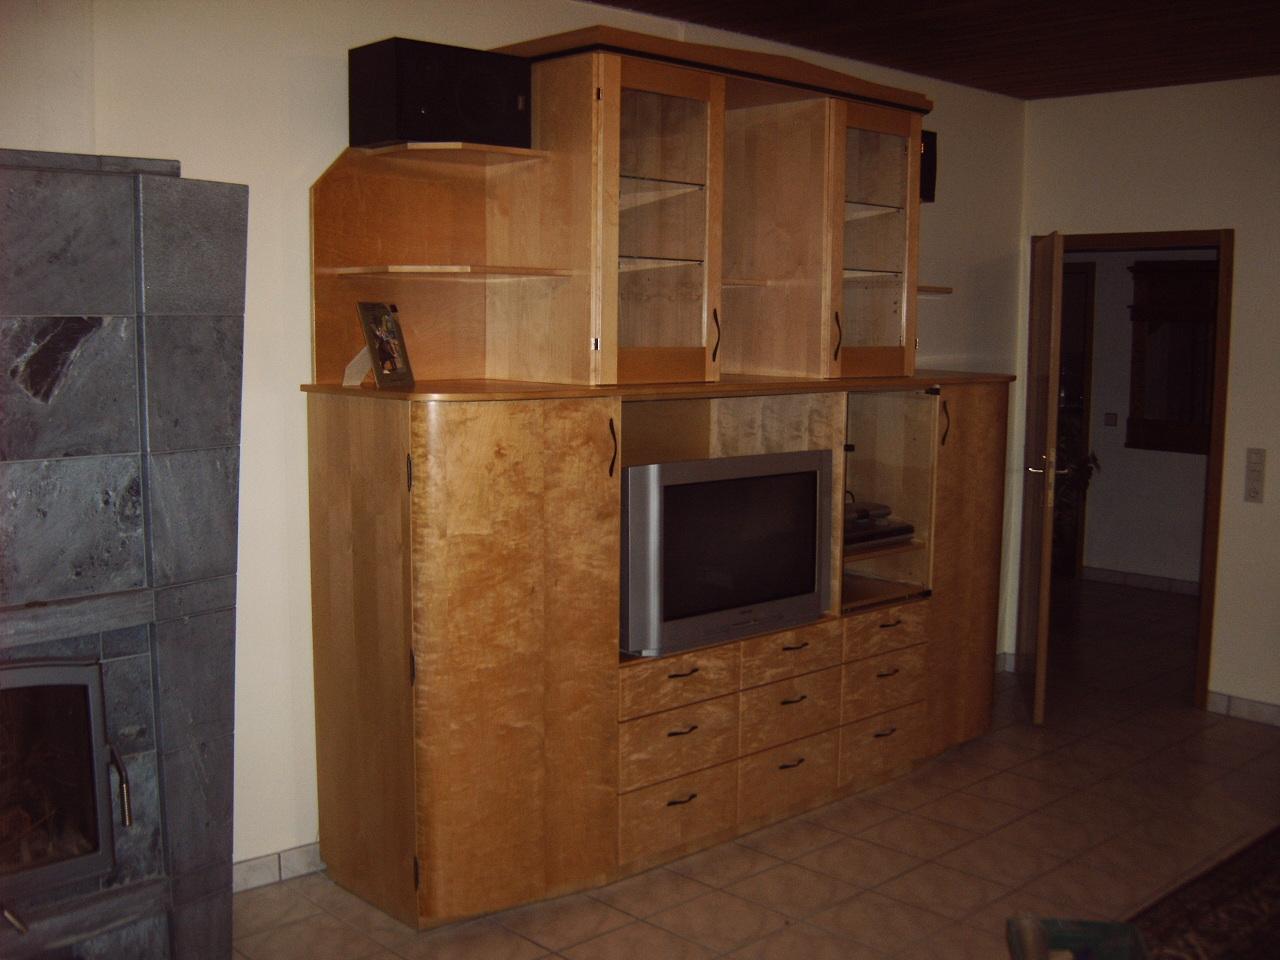 schrank birke awesome highboard anrichte schrank esszimmer birke massiv gewachst with schrank. Black Bedroom Furniture Sets. Home Design Ideas